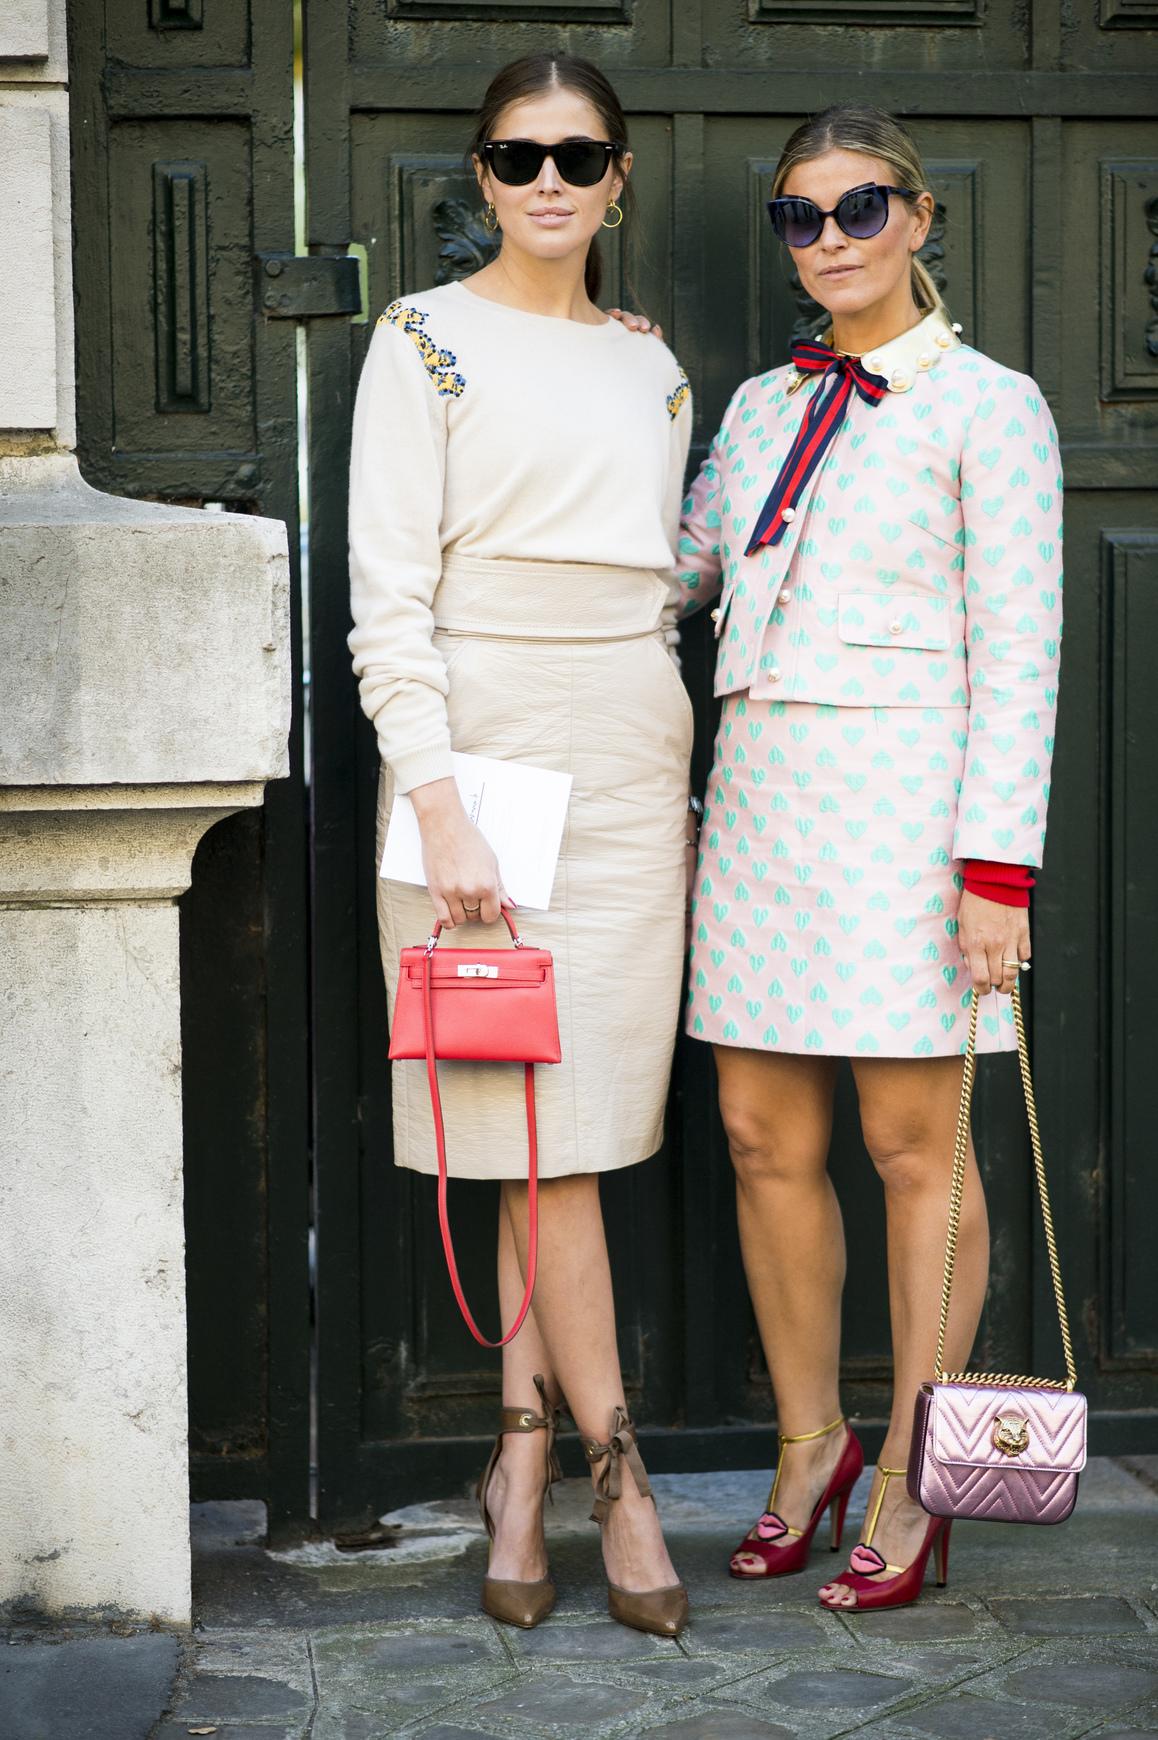 Szpilki mogą nosić zarówno wysokie, jak i niskie dziewczyny